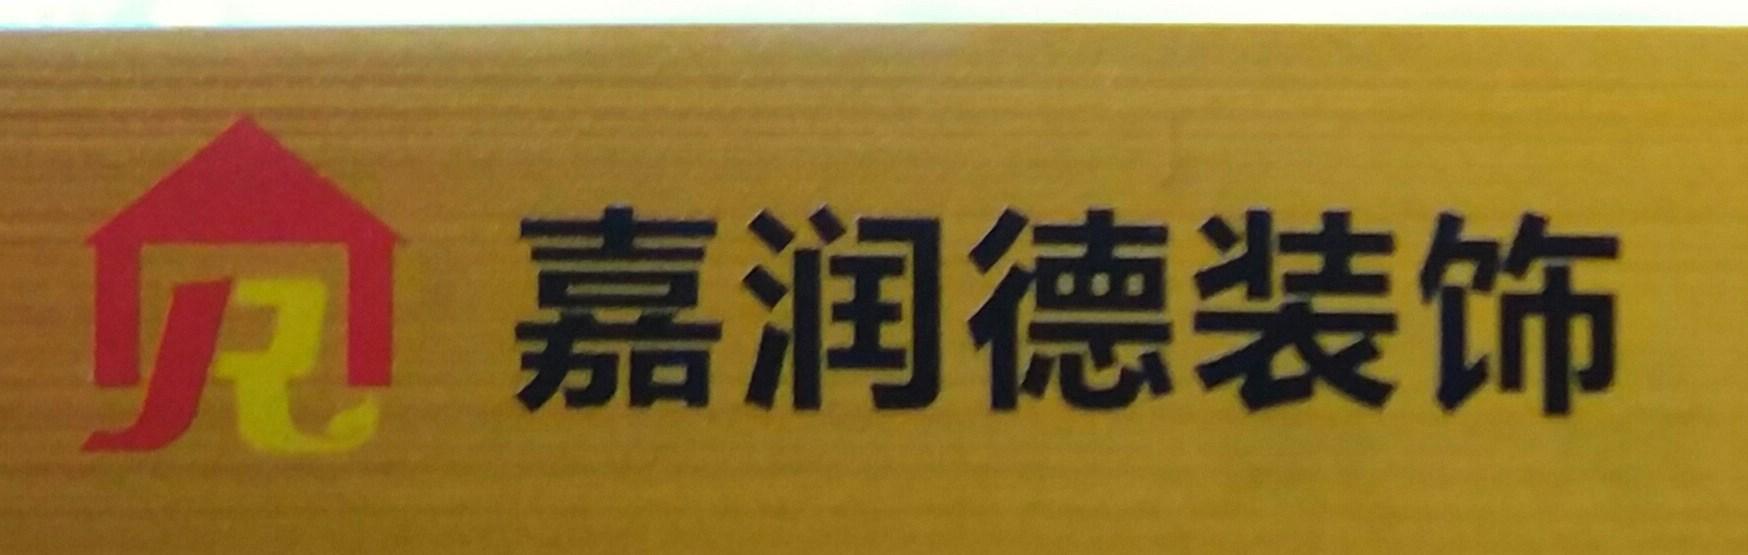 惠州市嘉润德建筑 工程有限公司